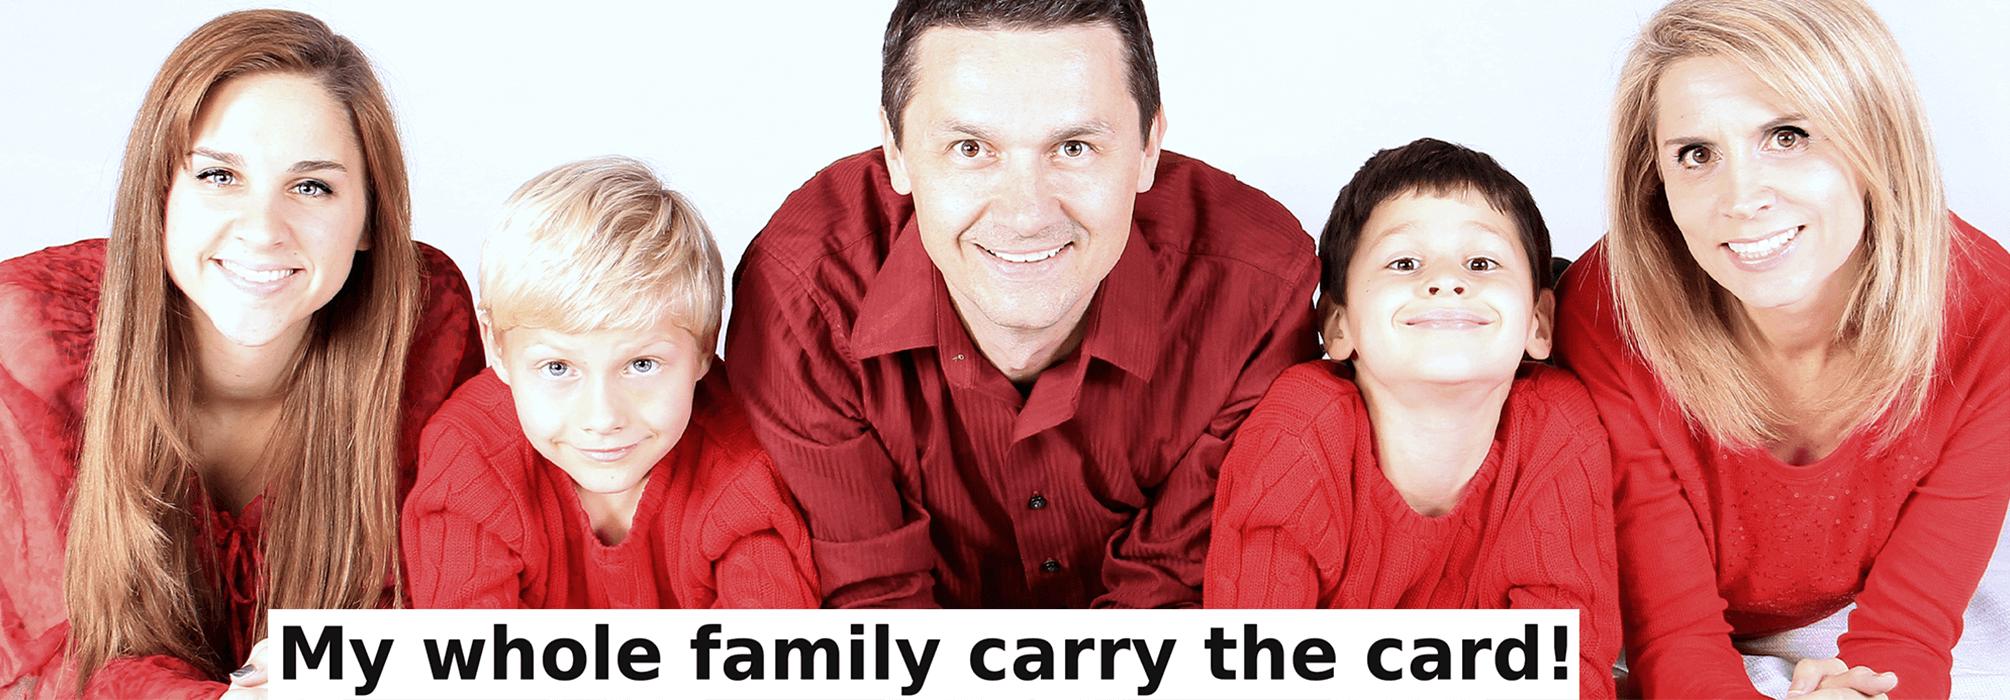 family-banner